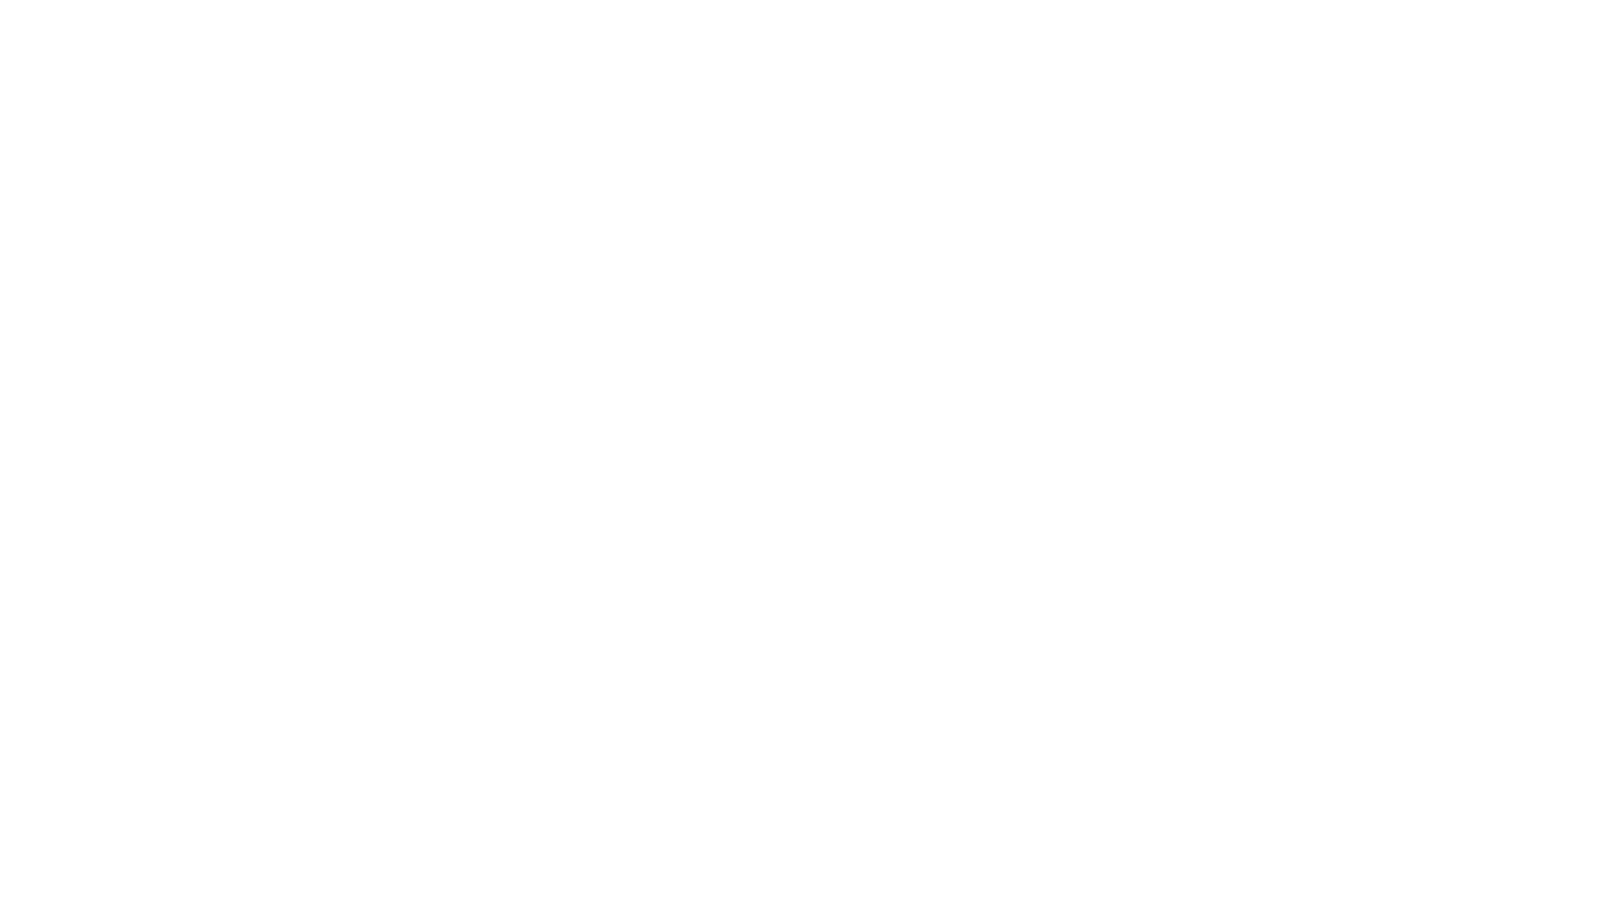 """► Crie uma conta gratuita na plataforma apresentada no vídeo https://organizenapratica.com.br/cadastro ► Fale com a gente e podemos ajudar na otimização dos seus processos https://organizenapratica.com.br/empresas ► Treinamento para Organização dos Processos https://organizenapratica.com.br/organize-processos?utm_source=youtube&utm_campaign=yt-documentosorganizados  Quando você precisa solicitar arquivos para alguém, você ainda pede por email?  E fica naquele vai e vem de arquivos pesados lotando a sua caixa de mensagens?  Sem falar quando não recebe por falta de espaço, ou fica perdido na caixa de spam.  Outros vão dizer que recebem os arquivos por whatsapp, acertei?  Putz, dá um trabalho baixar, organizar e salvar.  Esse tempo que você perde nesse tipo de atividade é pura ineficiência.  Assista esse vídeo e confira algo muito mais eficiente e produtivo.  Com apenas 1 link de forma automática você resolve esse problema.  O próprio cliente, funcionário, prospect pode subir seus documentos e alimentar o seu processo.  Você pode otimizar o processo da sua empresa rapidamente, e o cliente agradece.  Se valer o seu like, já deixa por lá e se inscreva no canal (se ainda não for inscrito)  Otimize os processos e rotinas da sua empresa, fale com a nossa equipe de consultoria  ► Fale com a gente e podemos ajudar na otimização dos seus processos https://organizenapratica.com.br/empresas  Um abraço, Mauricio Aizawa --------------------------------- ► Cursos - https://organizenapratica.com.br/treinamentos ► Instagram: https://www.instagram.com/organizenapratica ► Whatsapp: https://organizenapratica.com.br/whatsapp ► Lista Telegram: https://organizenapratica.com.br/telegram  Timestamps: 00:00 """"Introdução"""" 00:05 """"Se inscreva no canal"""""""